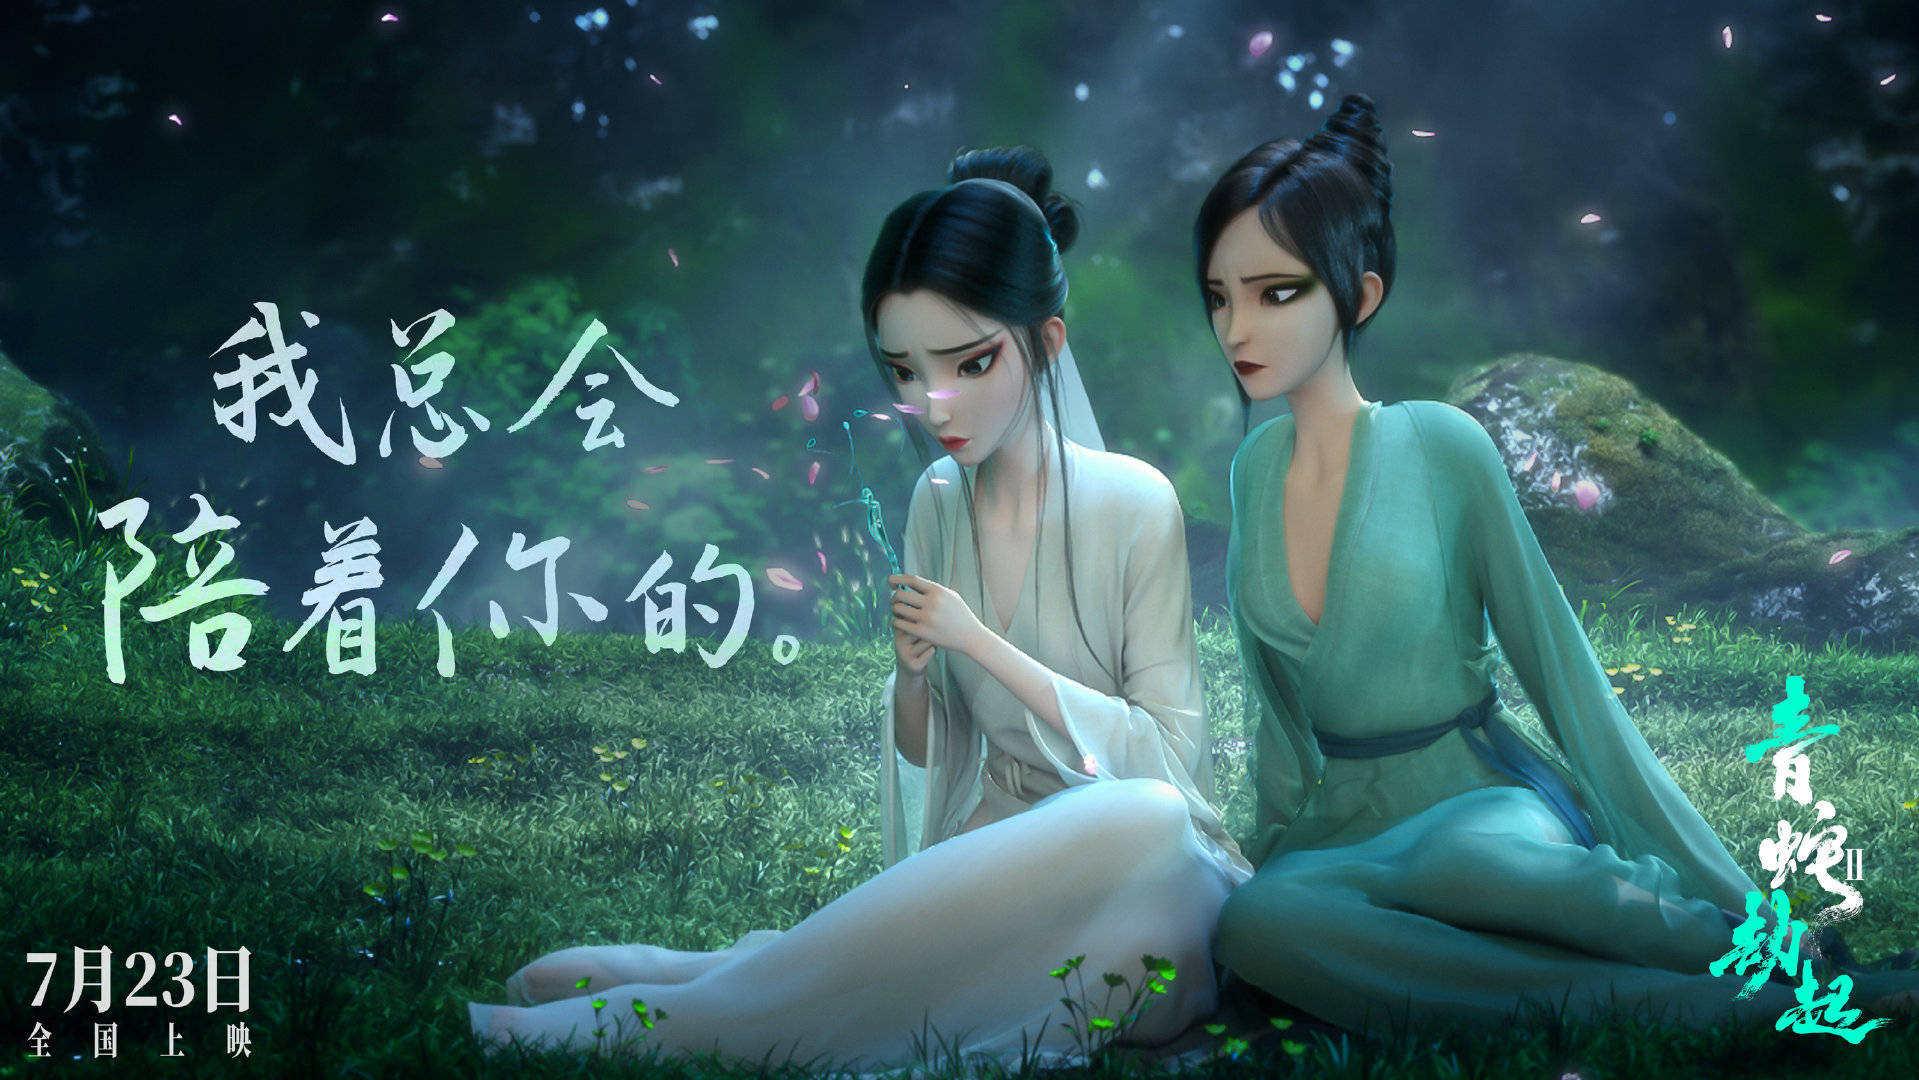 《白蛇2:青蛇劫起》上映27天 总票房预测达到5.6亿